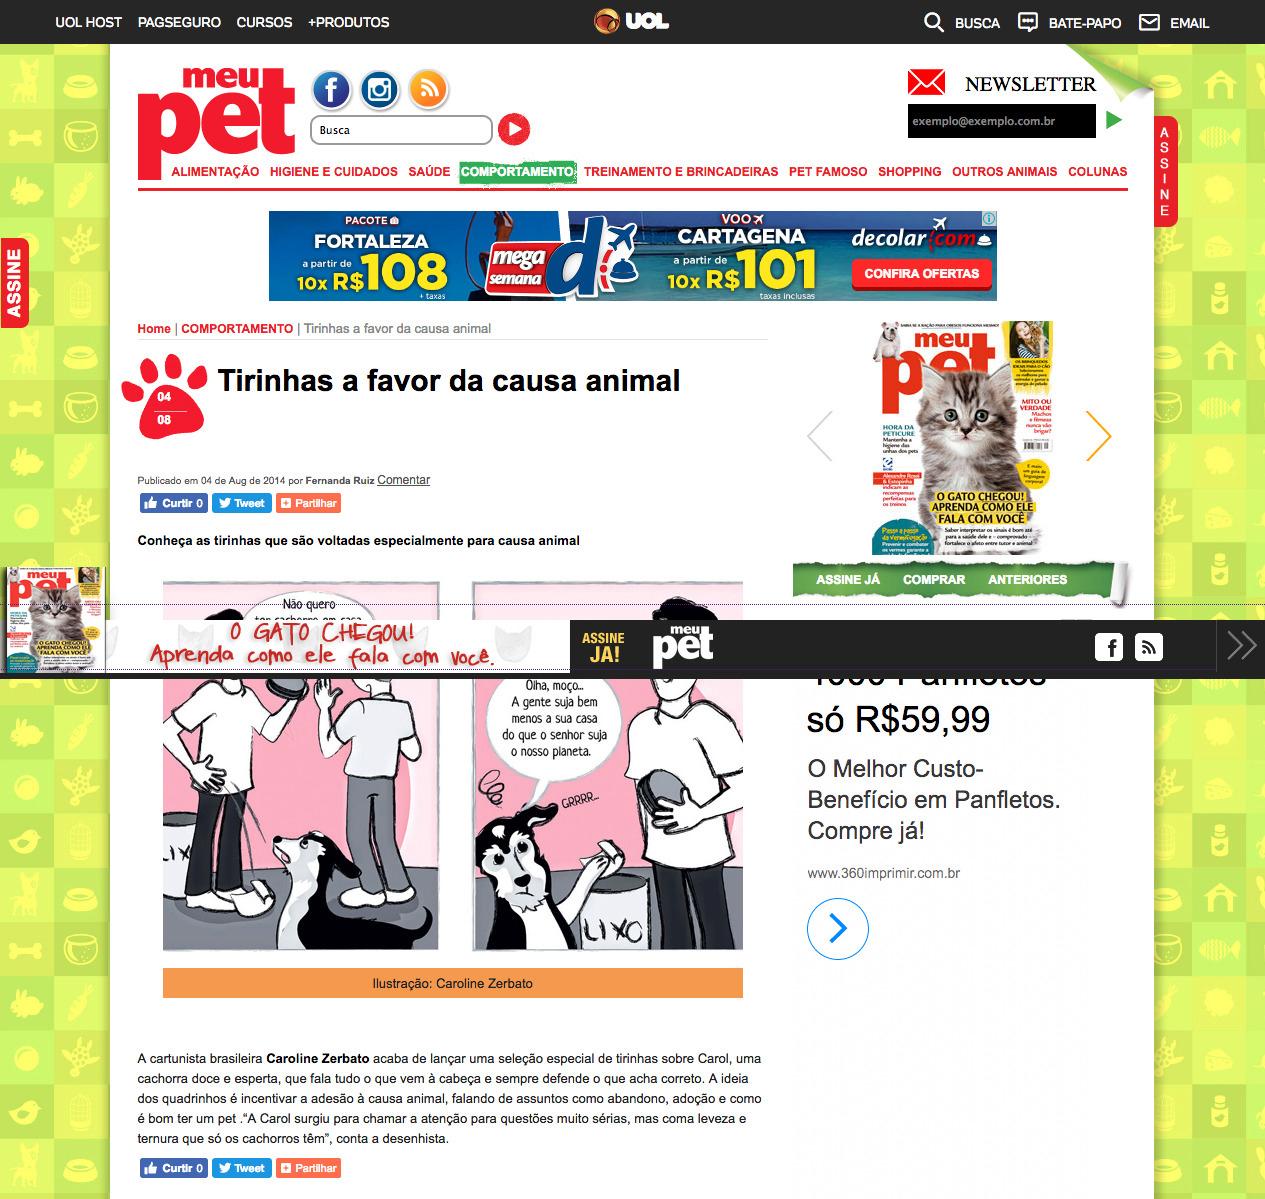 FireShot Capture 16 - Revista Meu Pe__ - http___revistameupet.uol.com.br_co